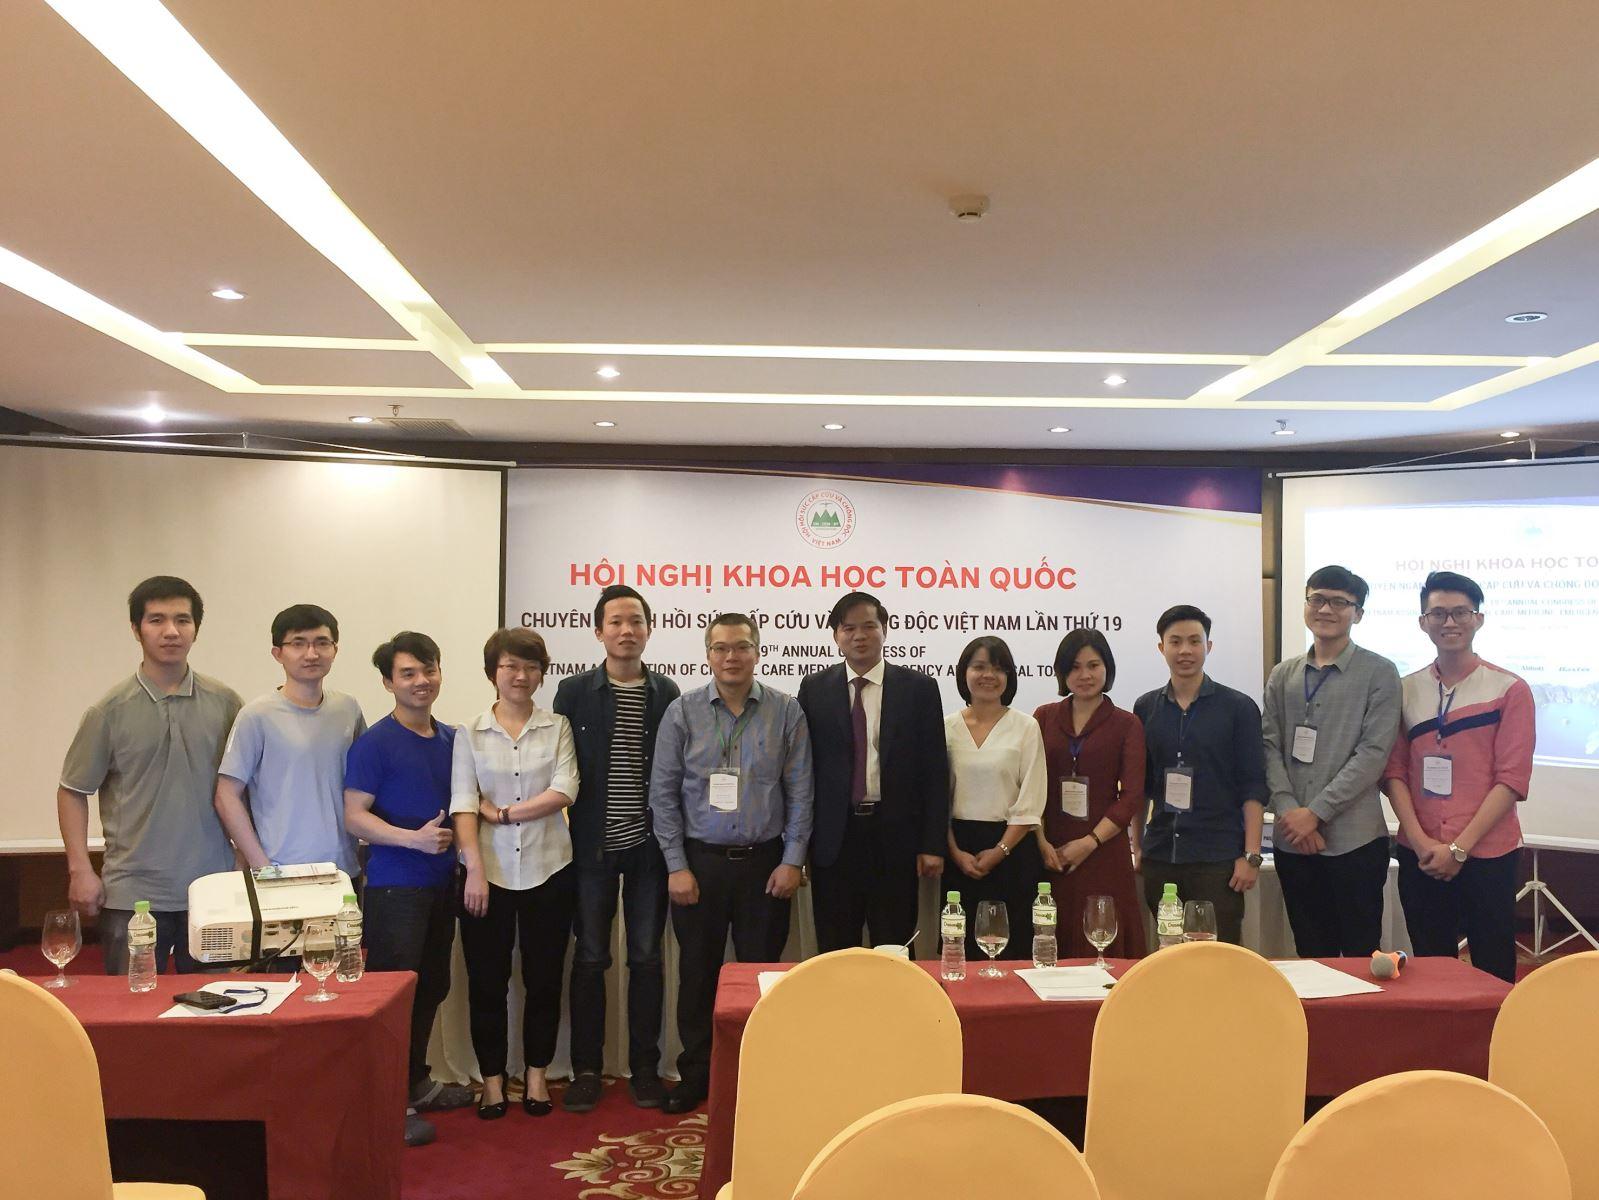 Bài trình bày tại Hội nghị khoa học chuyên ngành Hồi sức cấp cứu và chống độc 2019